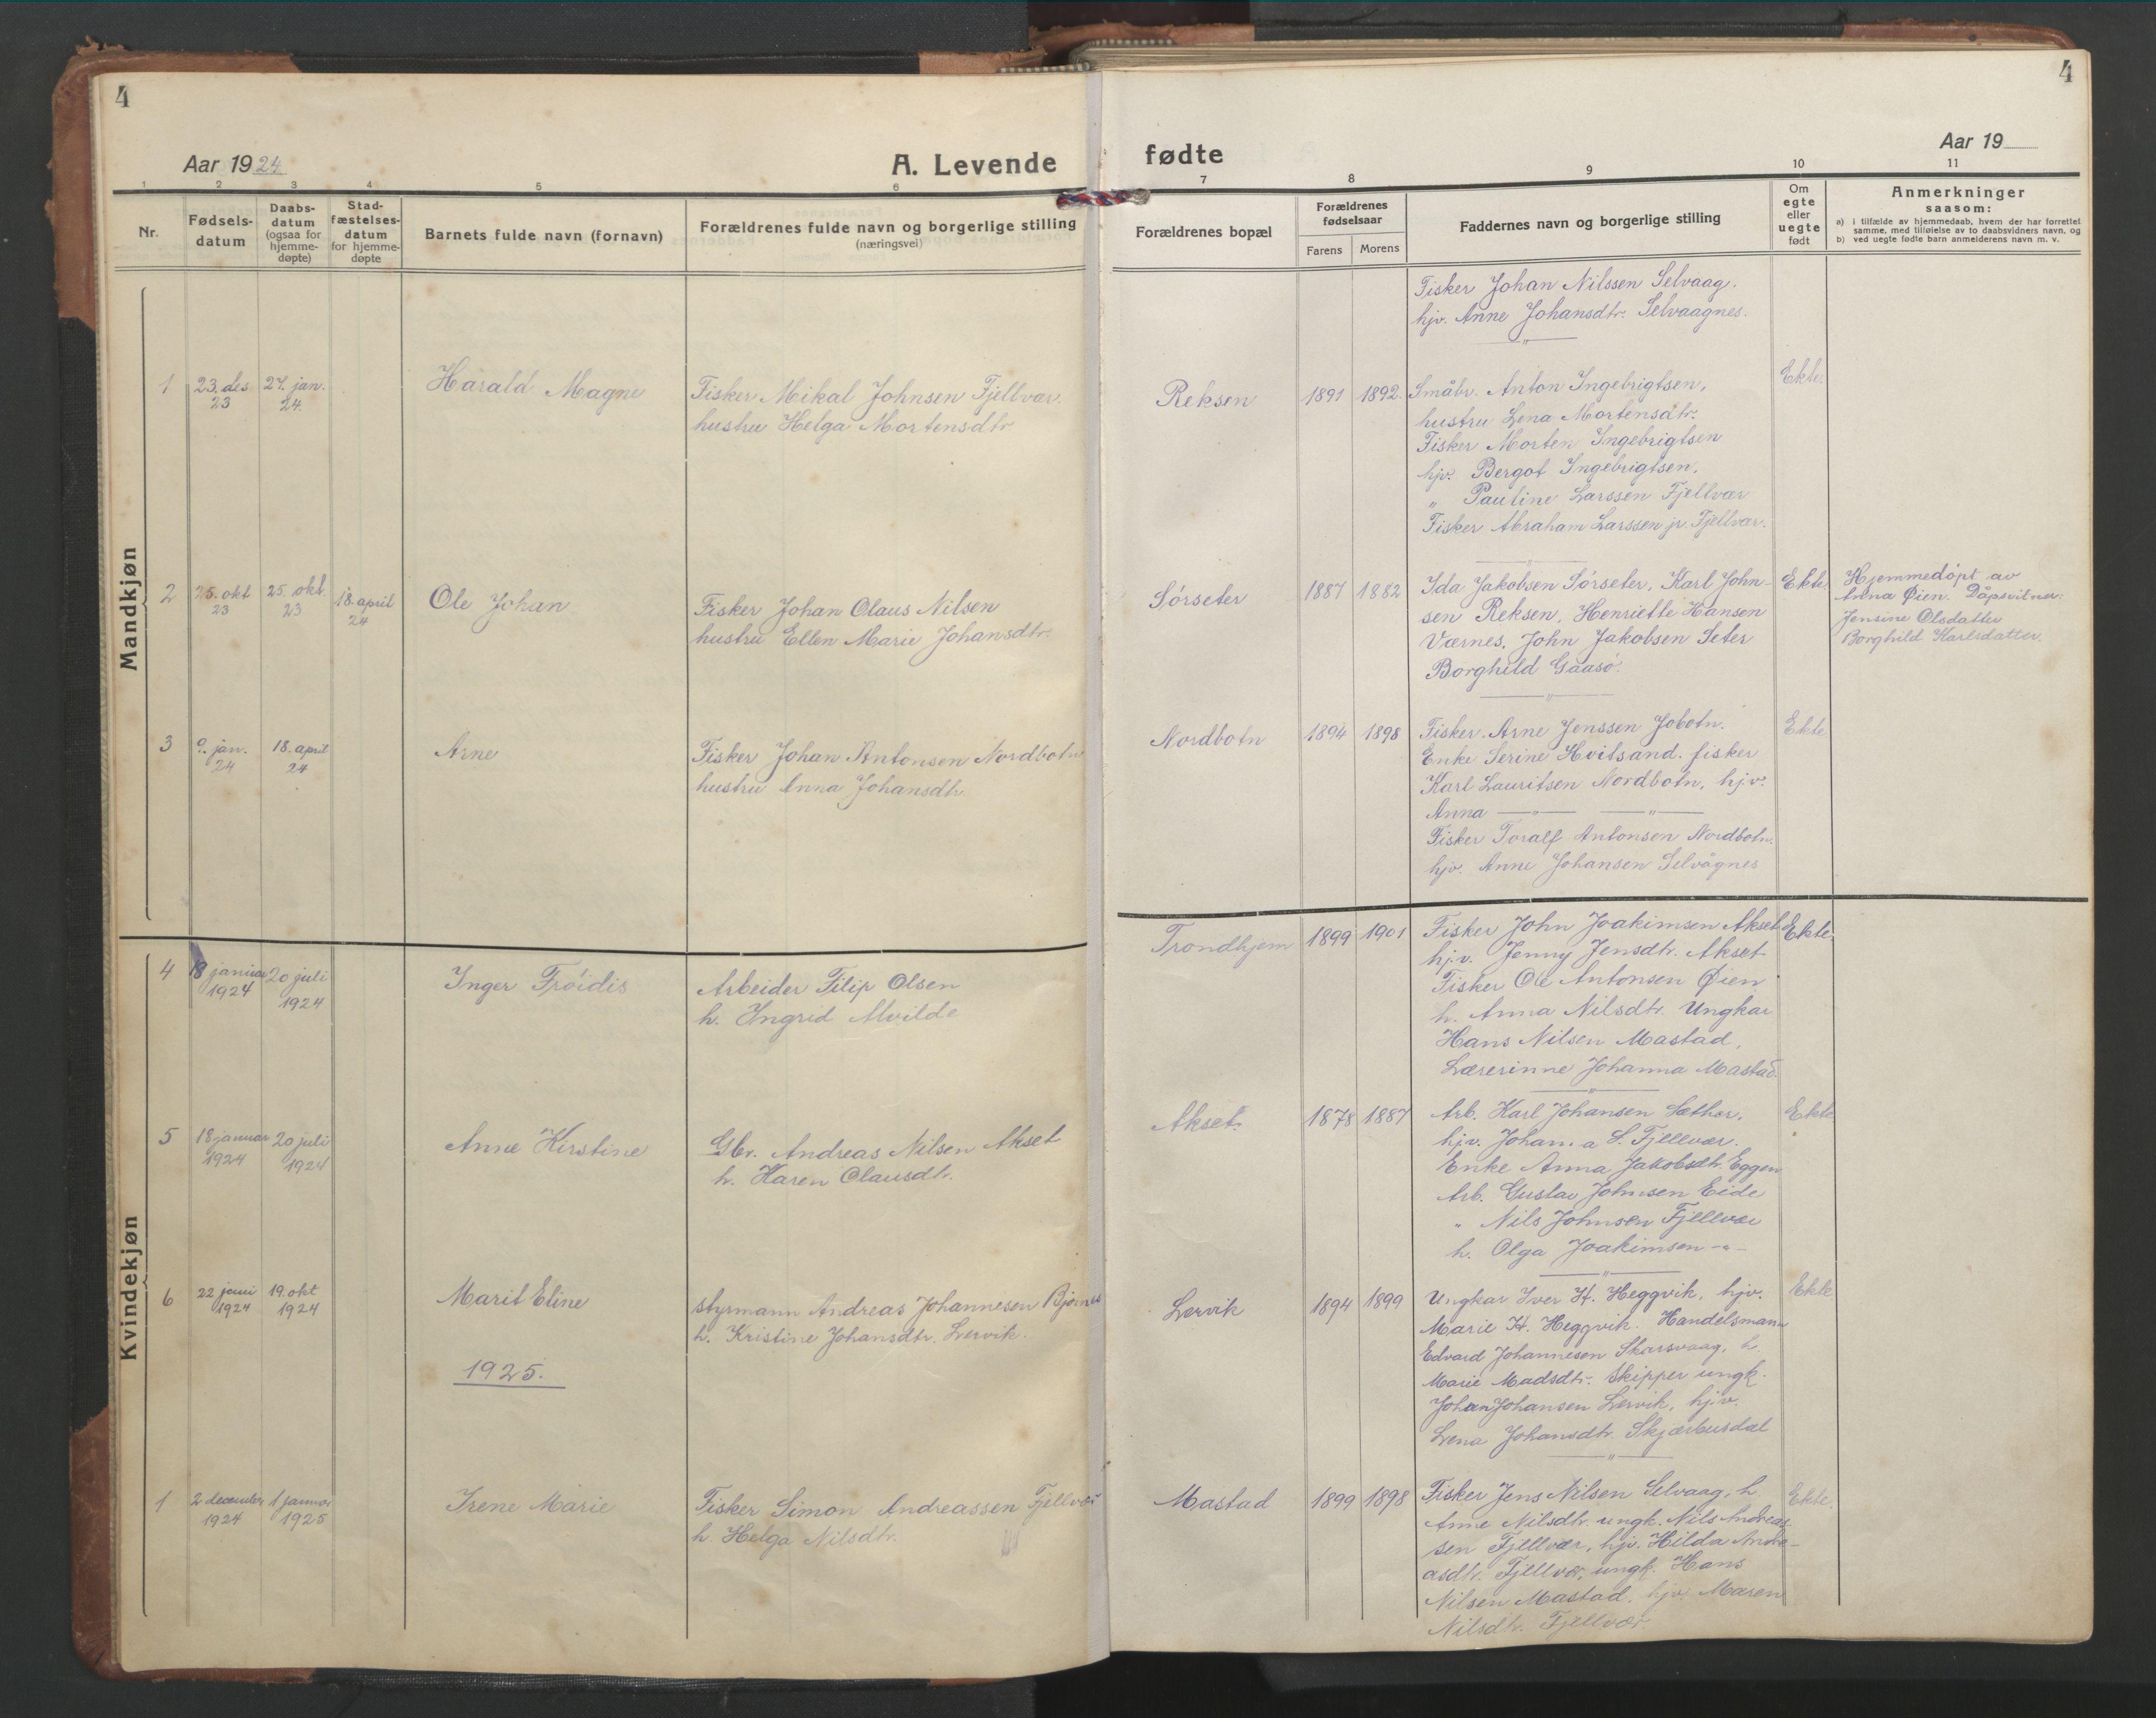 SAT, Ministerialprotokoller, klokkerbøker og fødselsregistre - Sør-Trøndelag, 638/L0569: Klokkerbok nr. 638C01, 1923-1961, s. 4